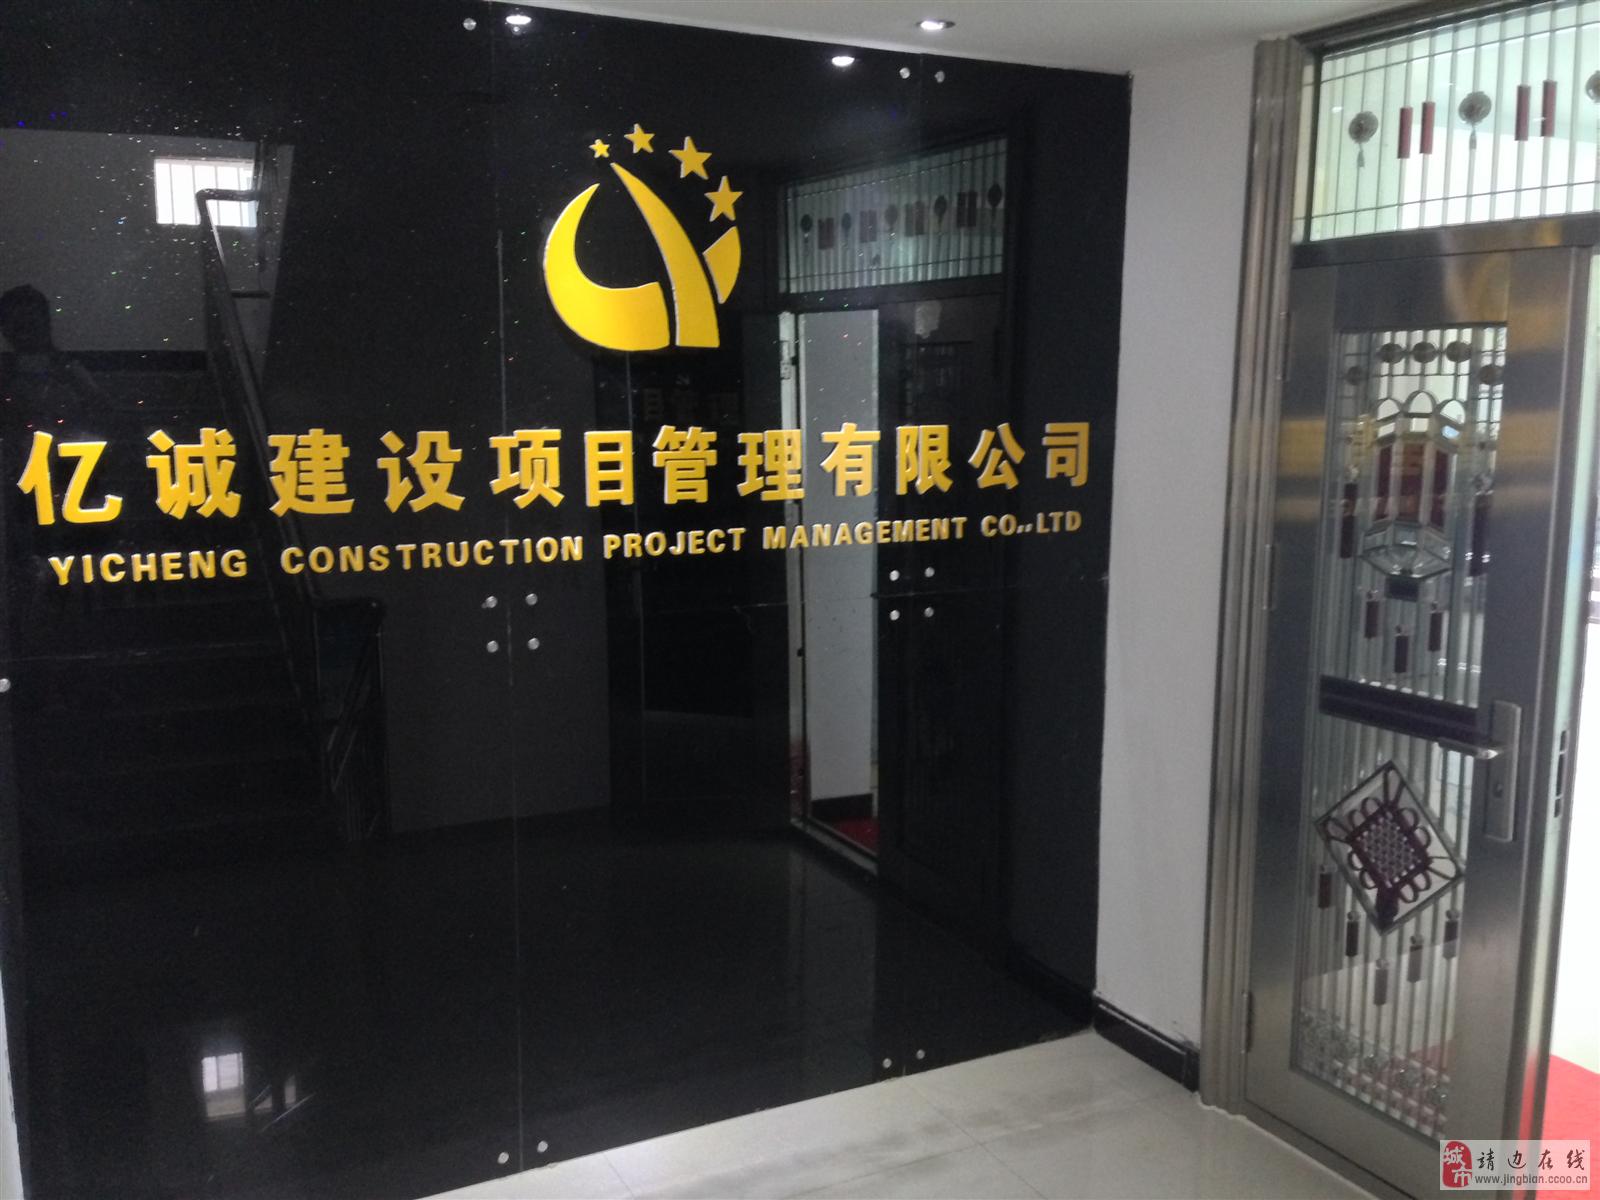 亿诚建设项目管理有限公司招聘造价员